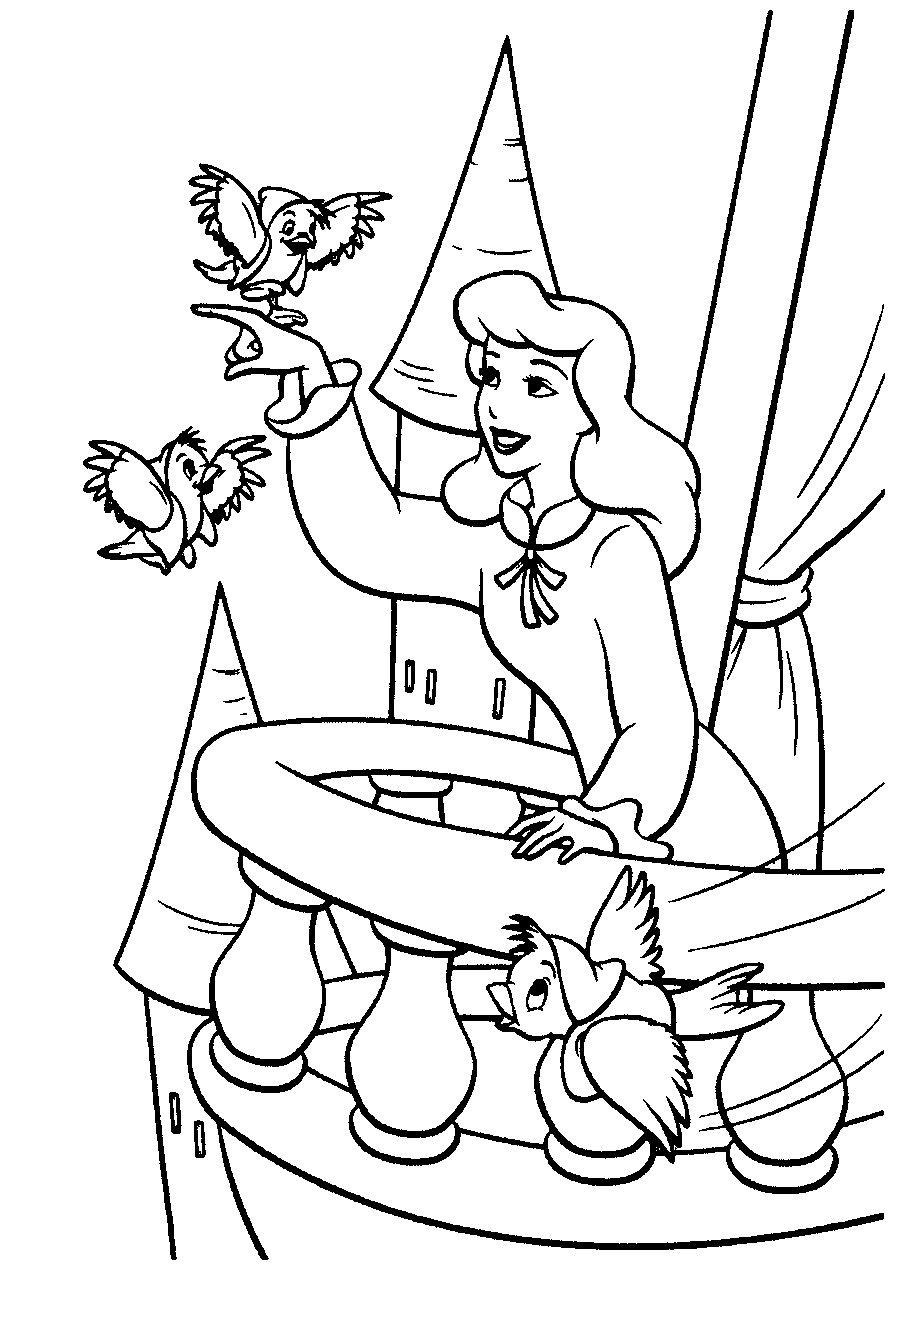 Cinderella Coloring Pages To Print http://procoloring.com/cinderella ...